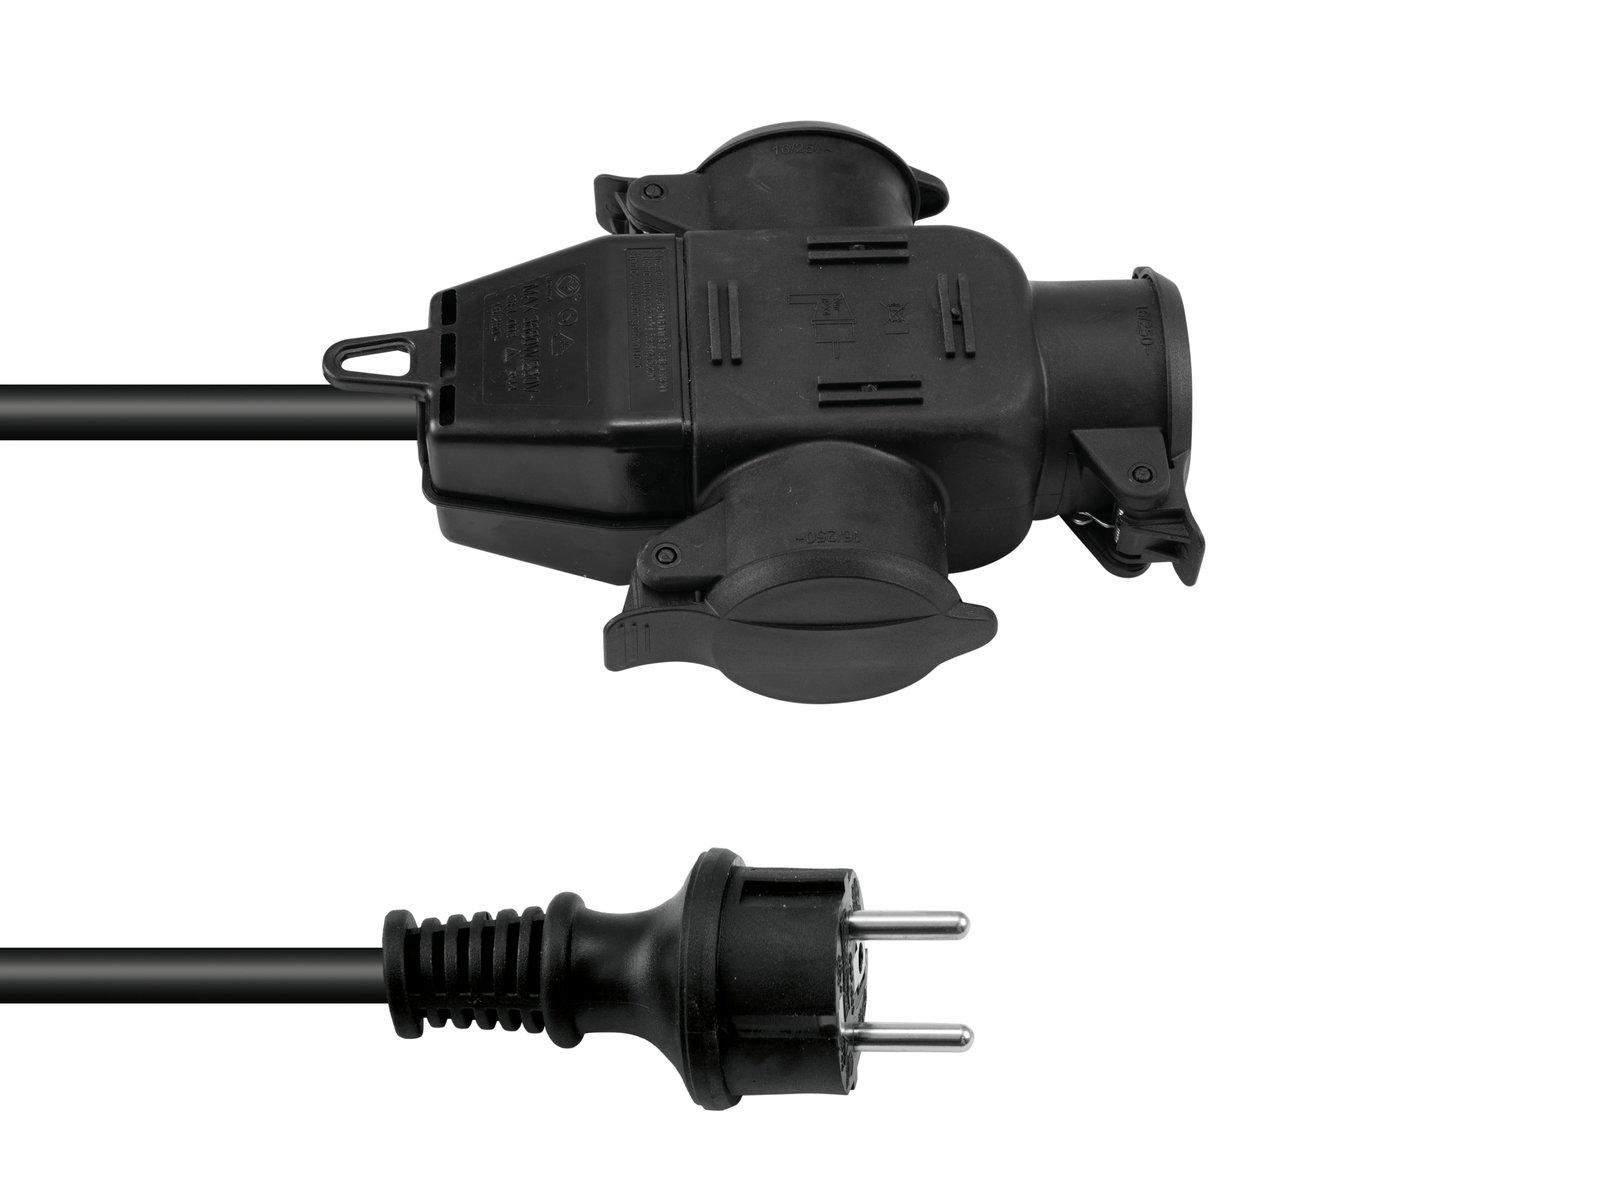 Prodlužovací kabel 3x2,5, délka 3m, 3x zásuvka